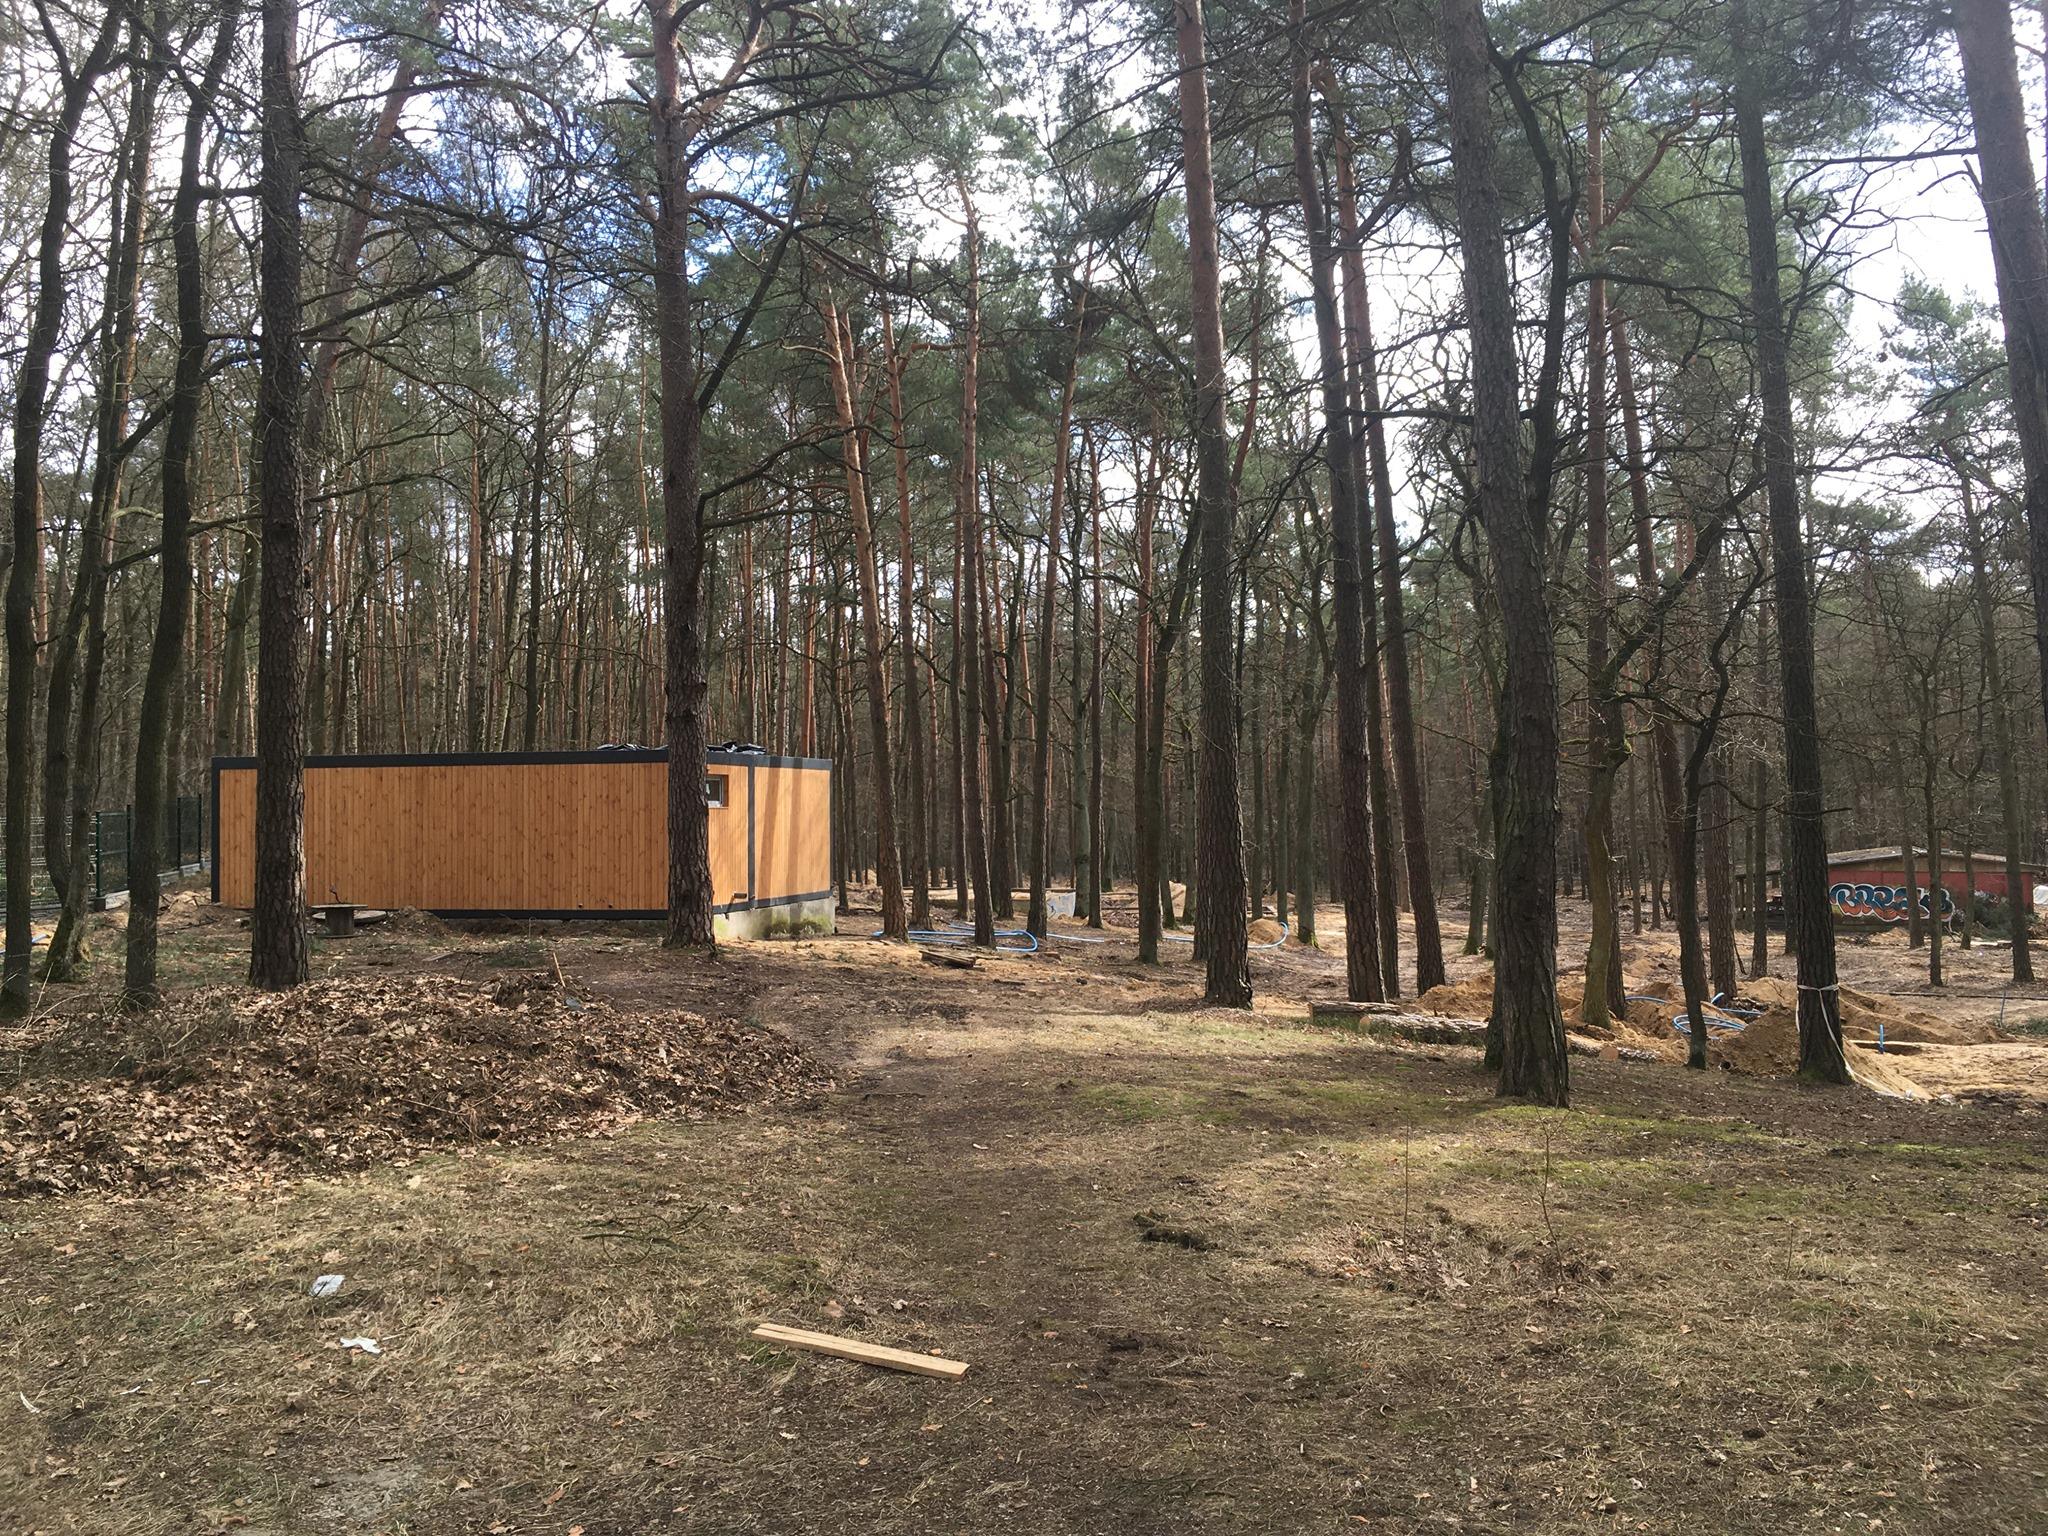 Nowe domki kempingowe (marzec 2021)